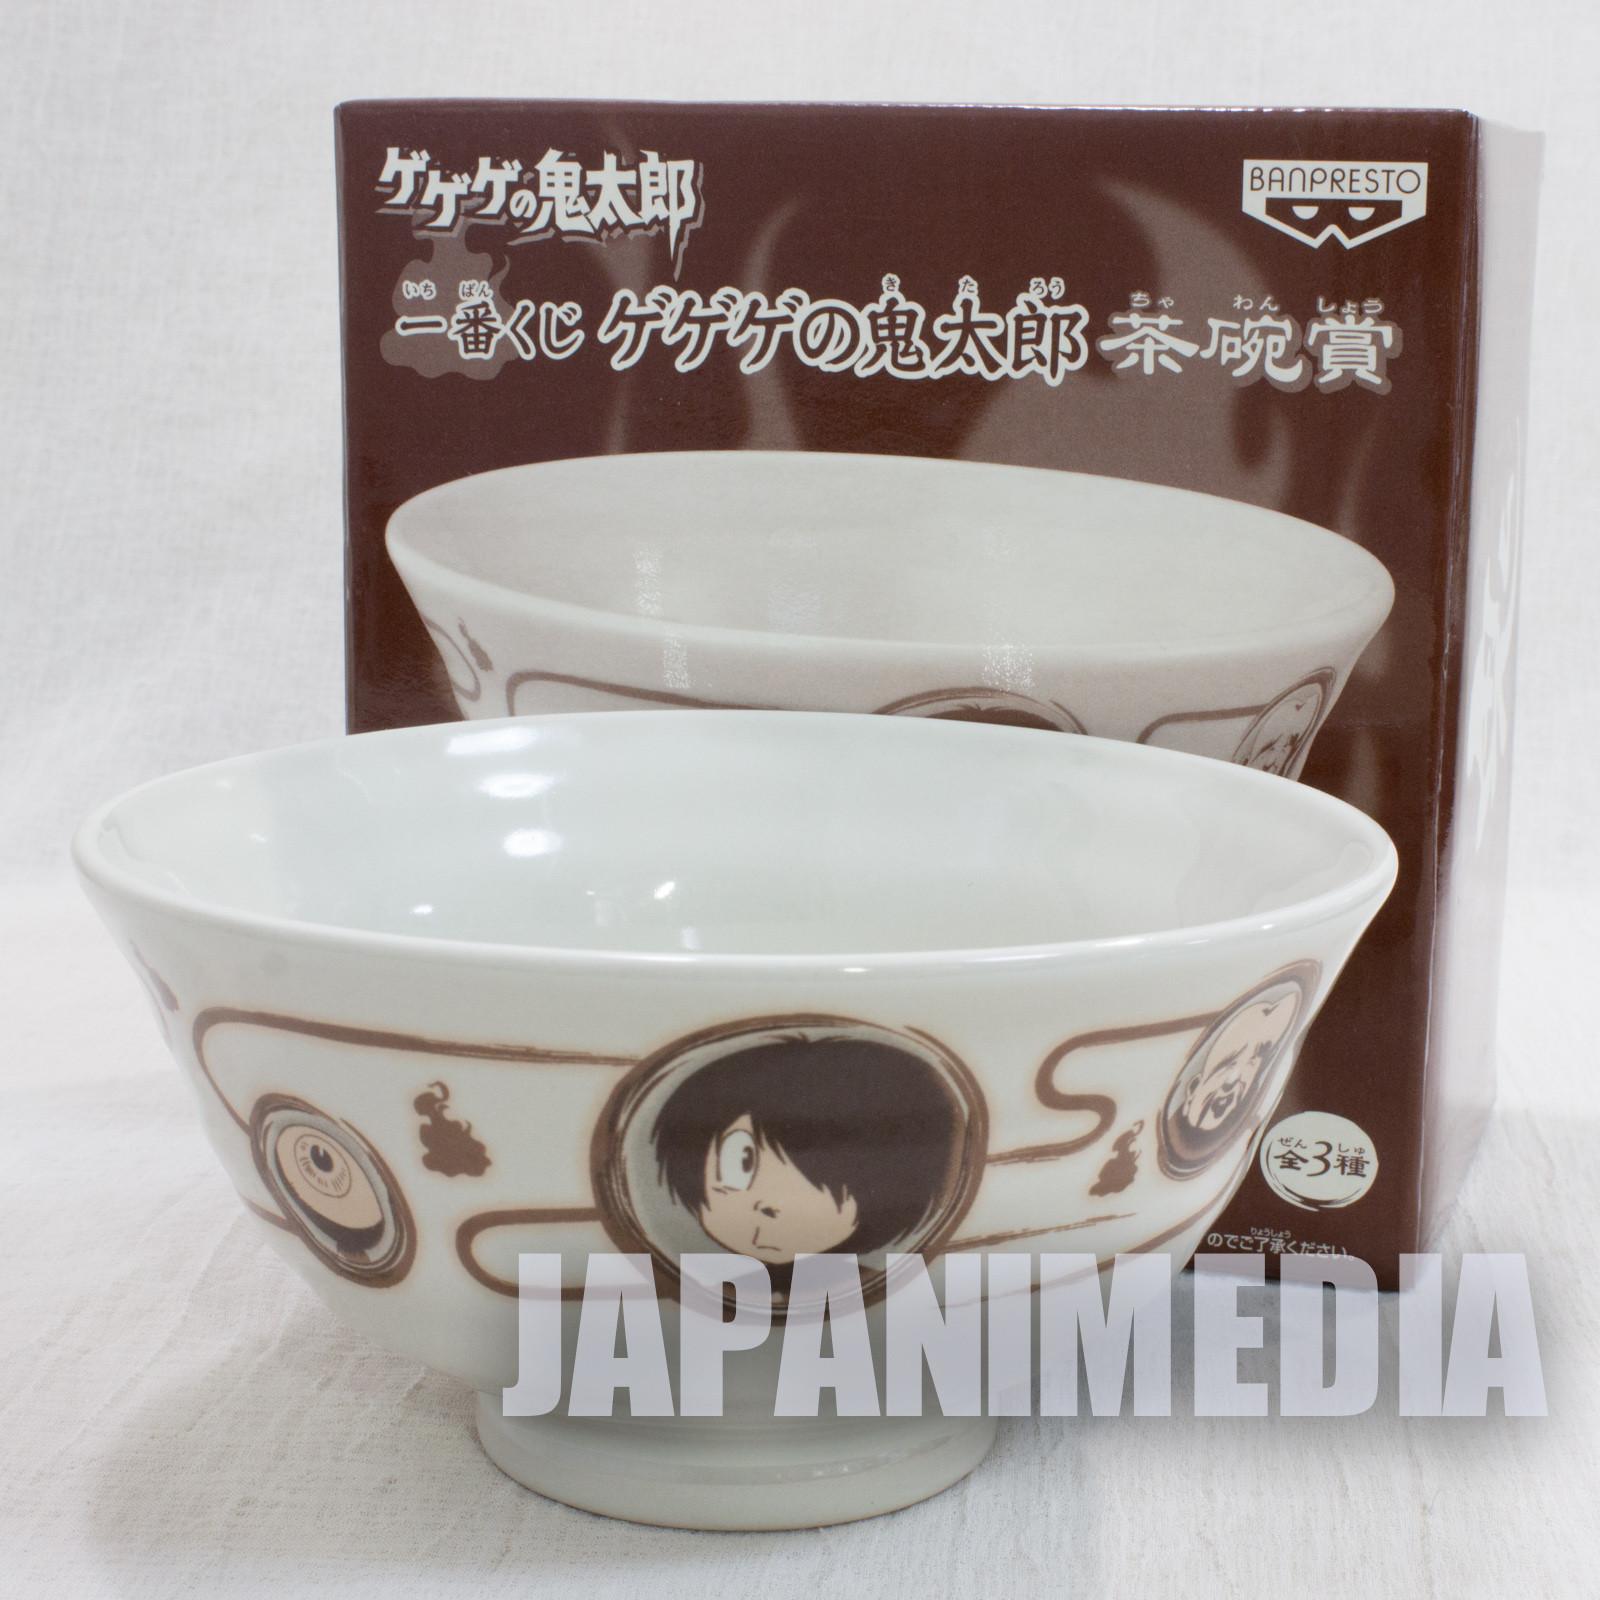 Gegege no Kitaro Rice Bowl Sunakake Baba Nekomusume Nezumiotoko Nurikabe JAPAN